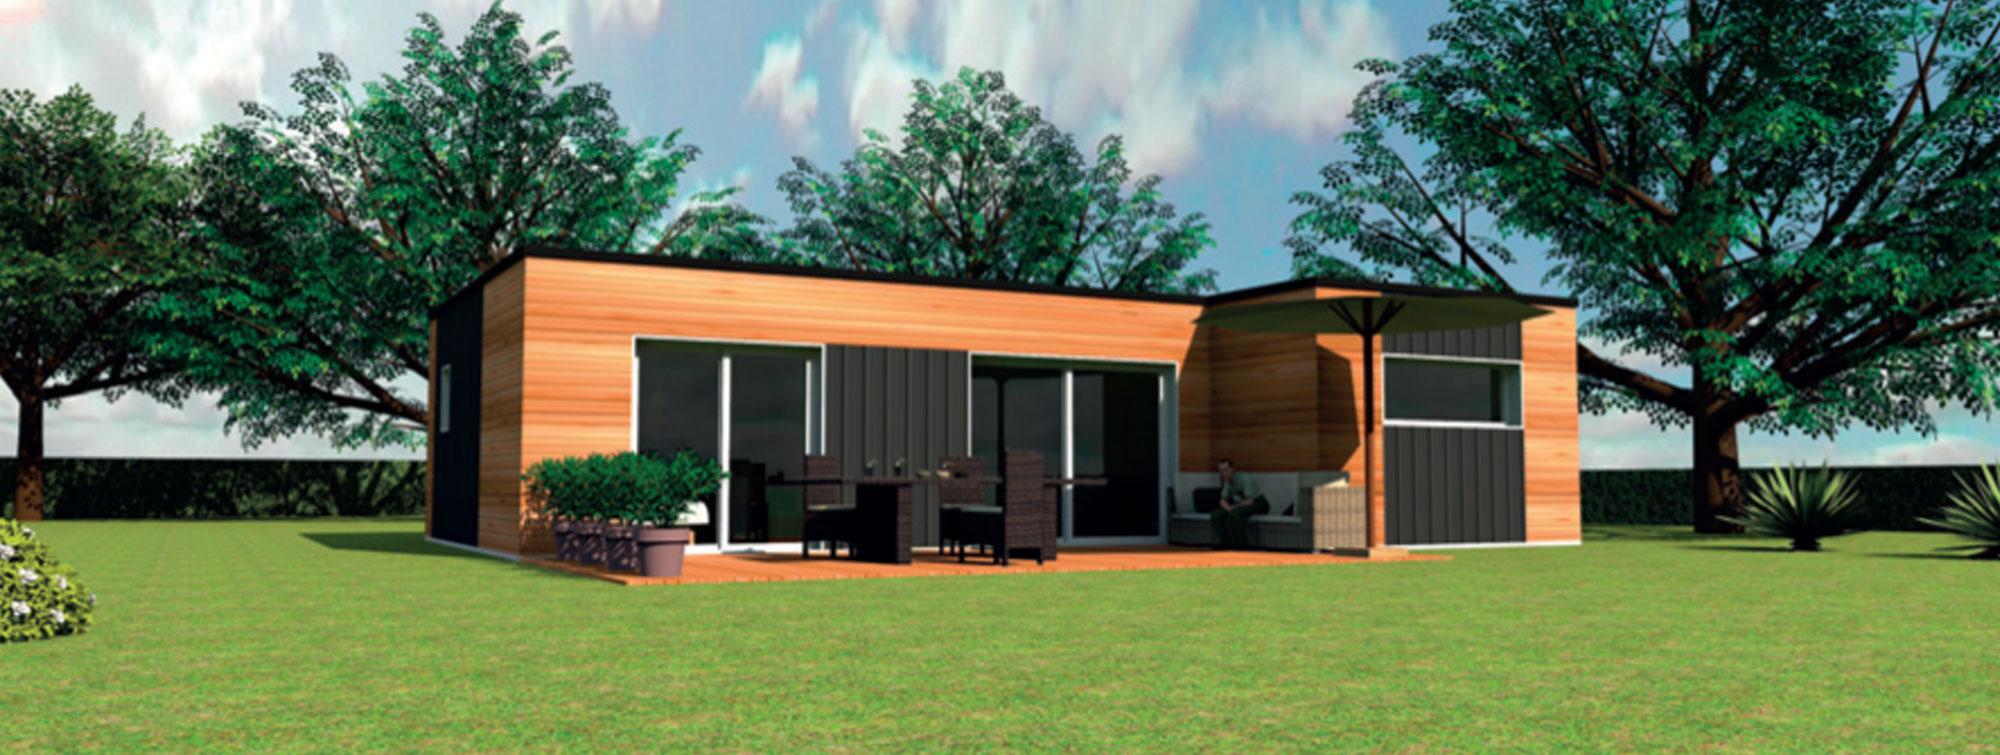 constructeur maison ecologique rennes